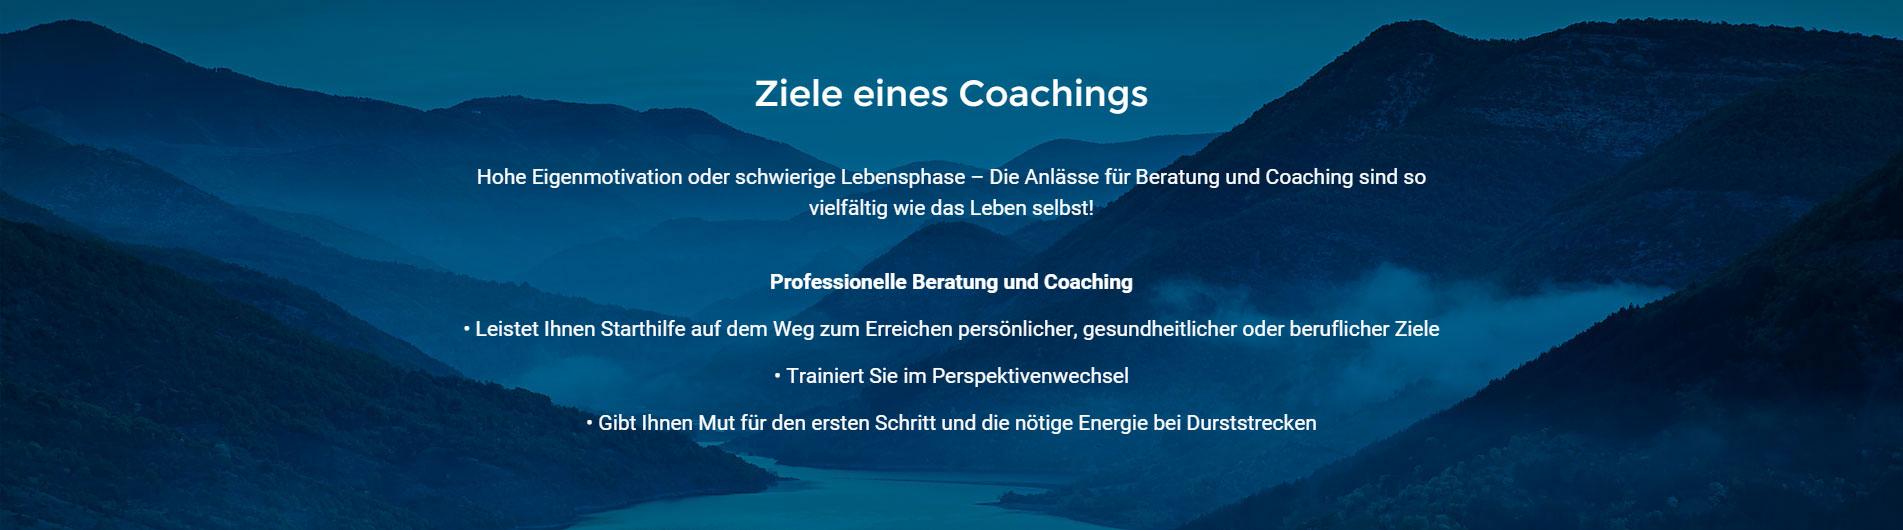 Ziele eines Coachings